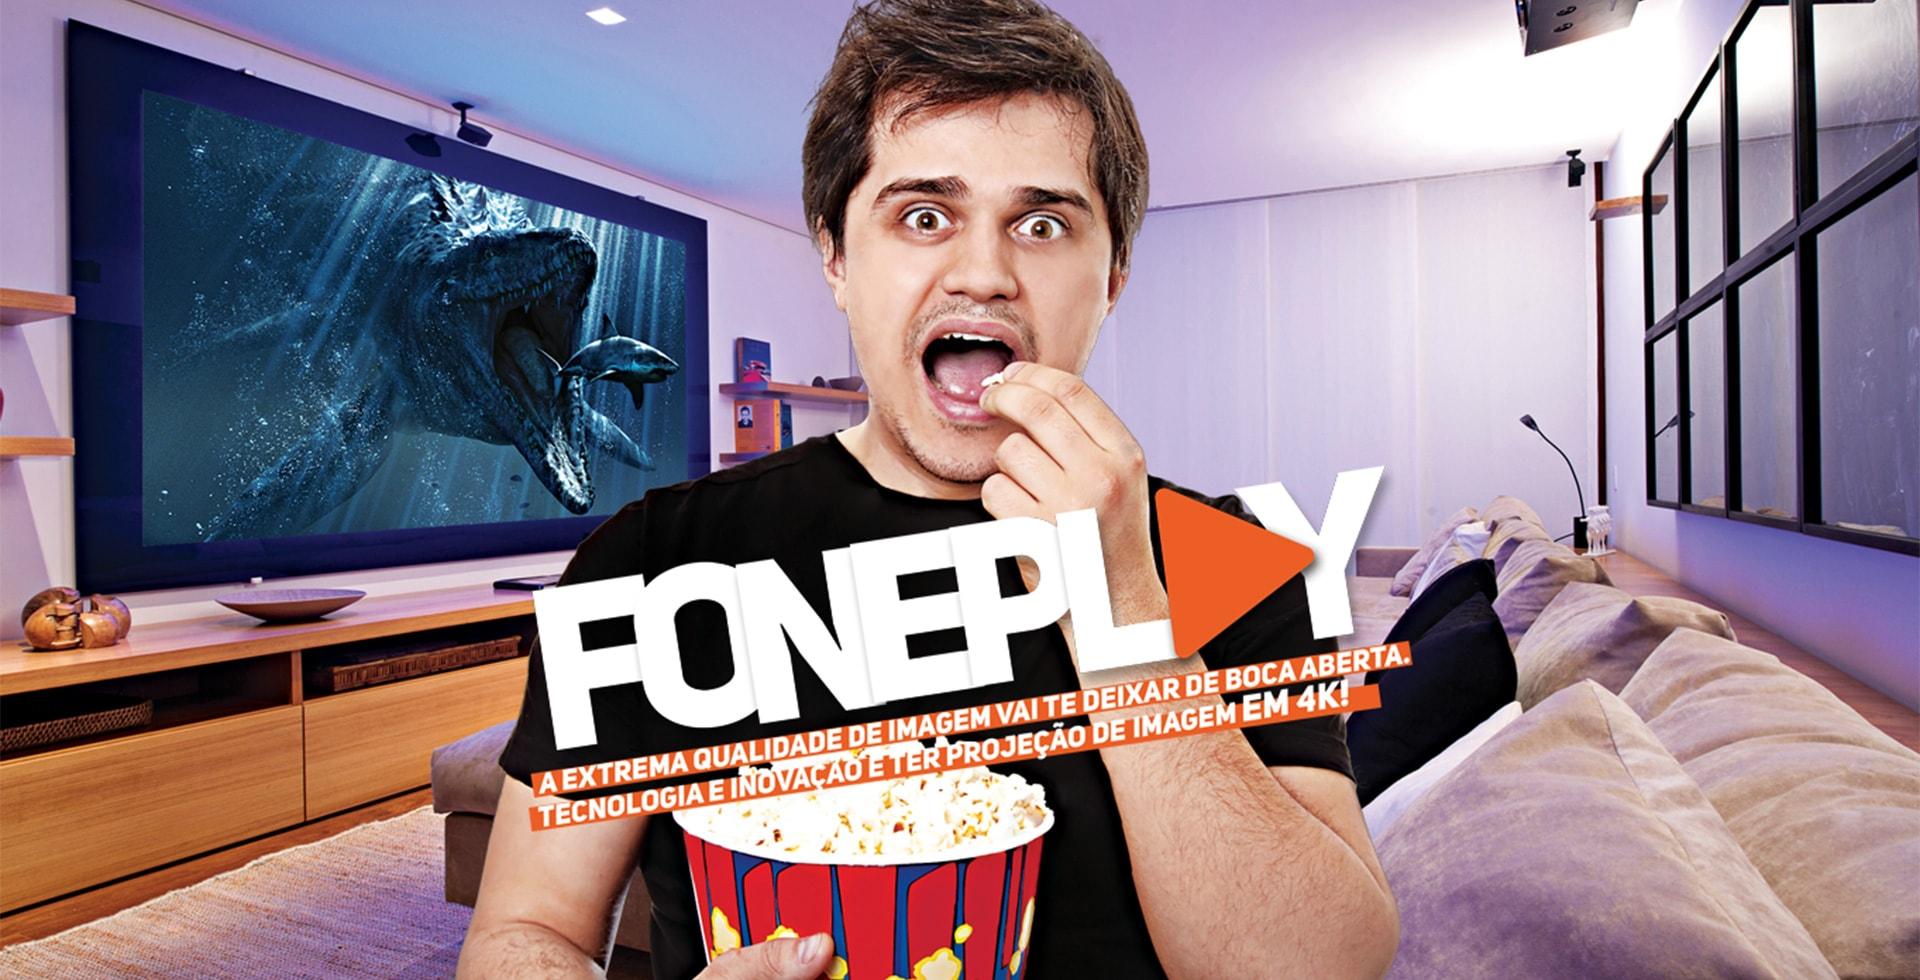 Foneplan - Foneplay vai te deixar de boca aberta com a extrema qualidade de imagem!